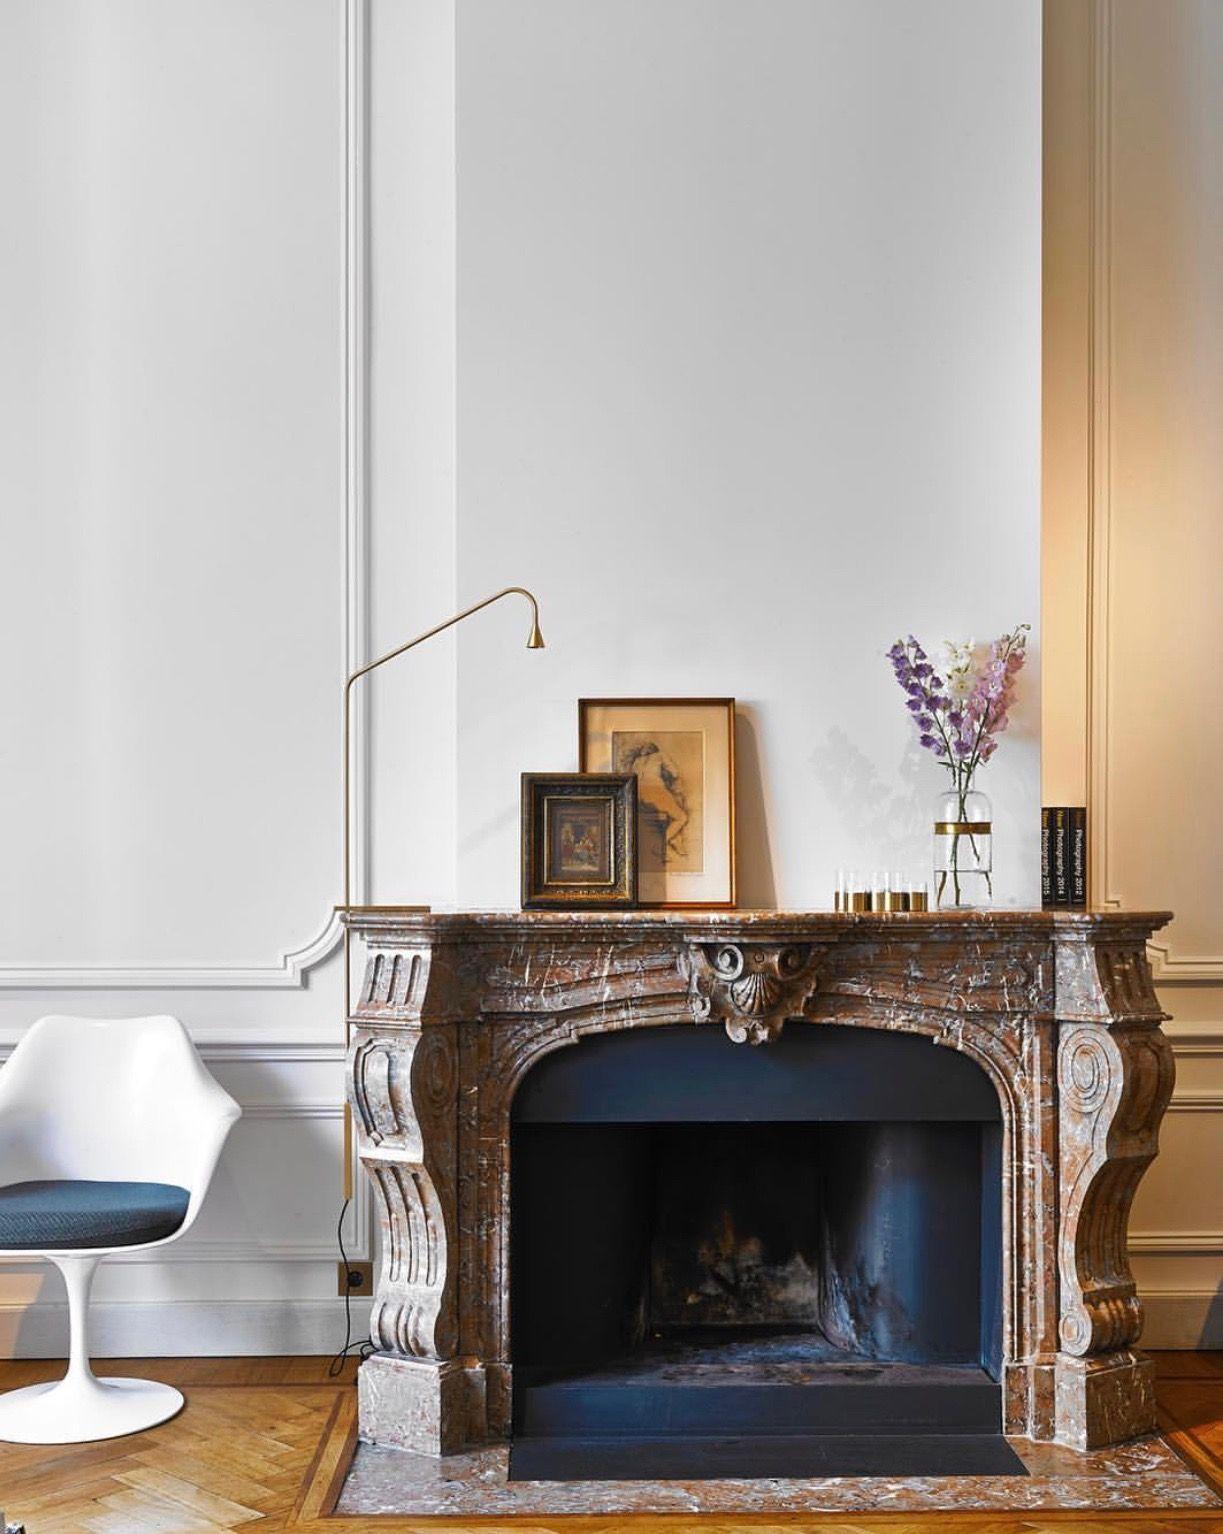 Neue wohnzimmer innenarchitektur pin von studiolindablatzekfotografie auf interiors